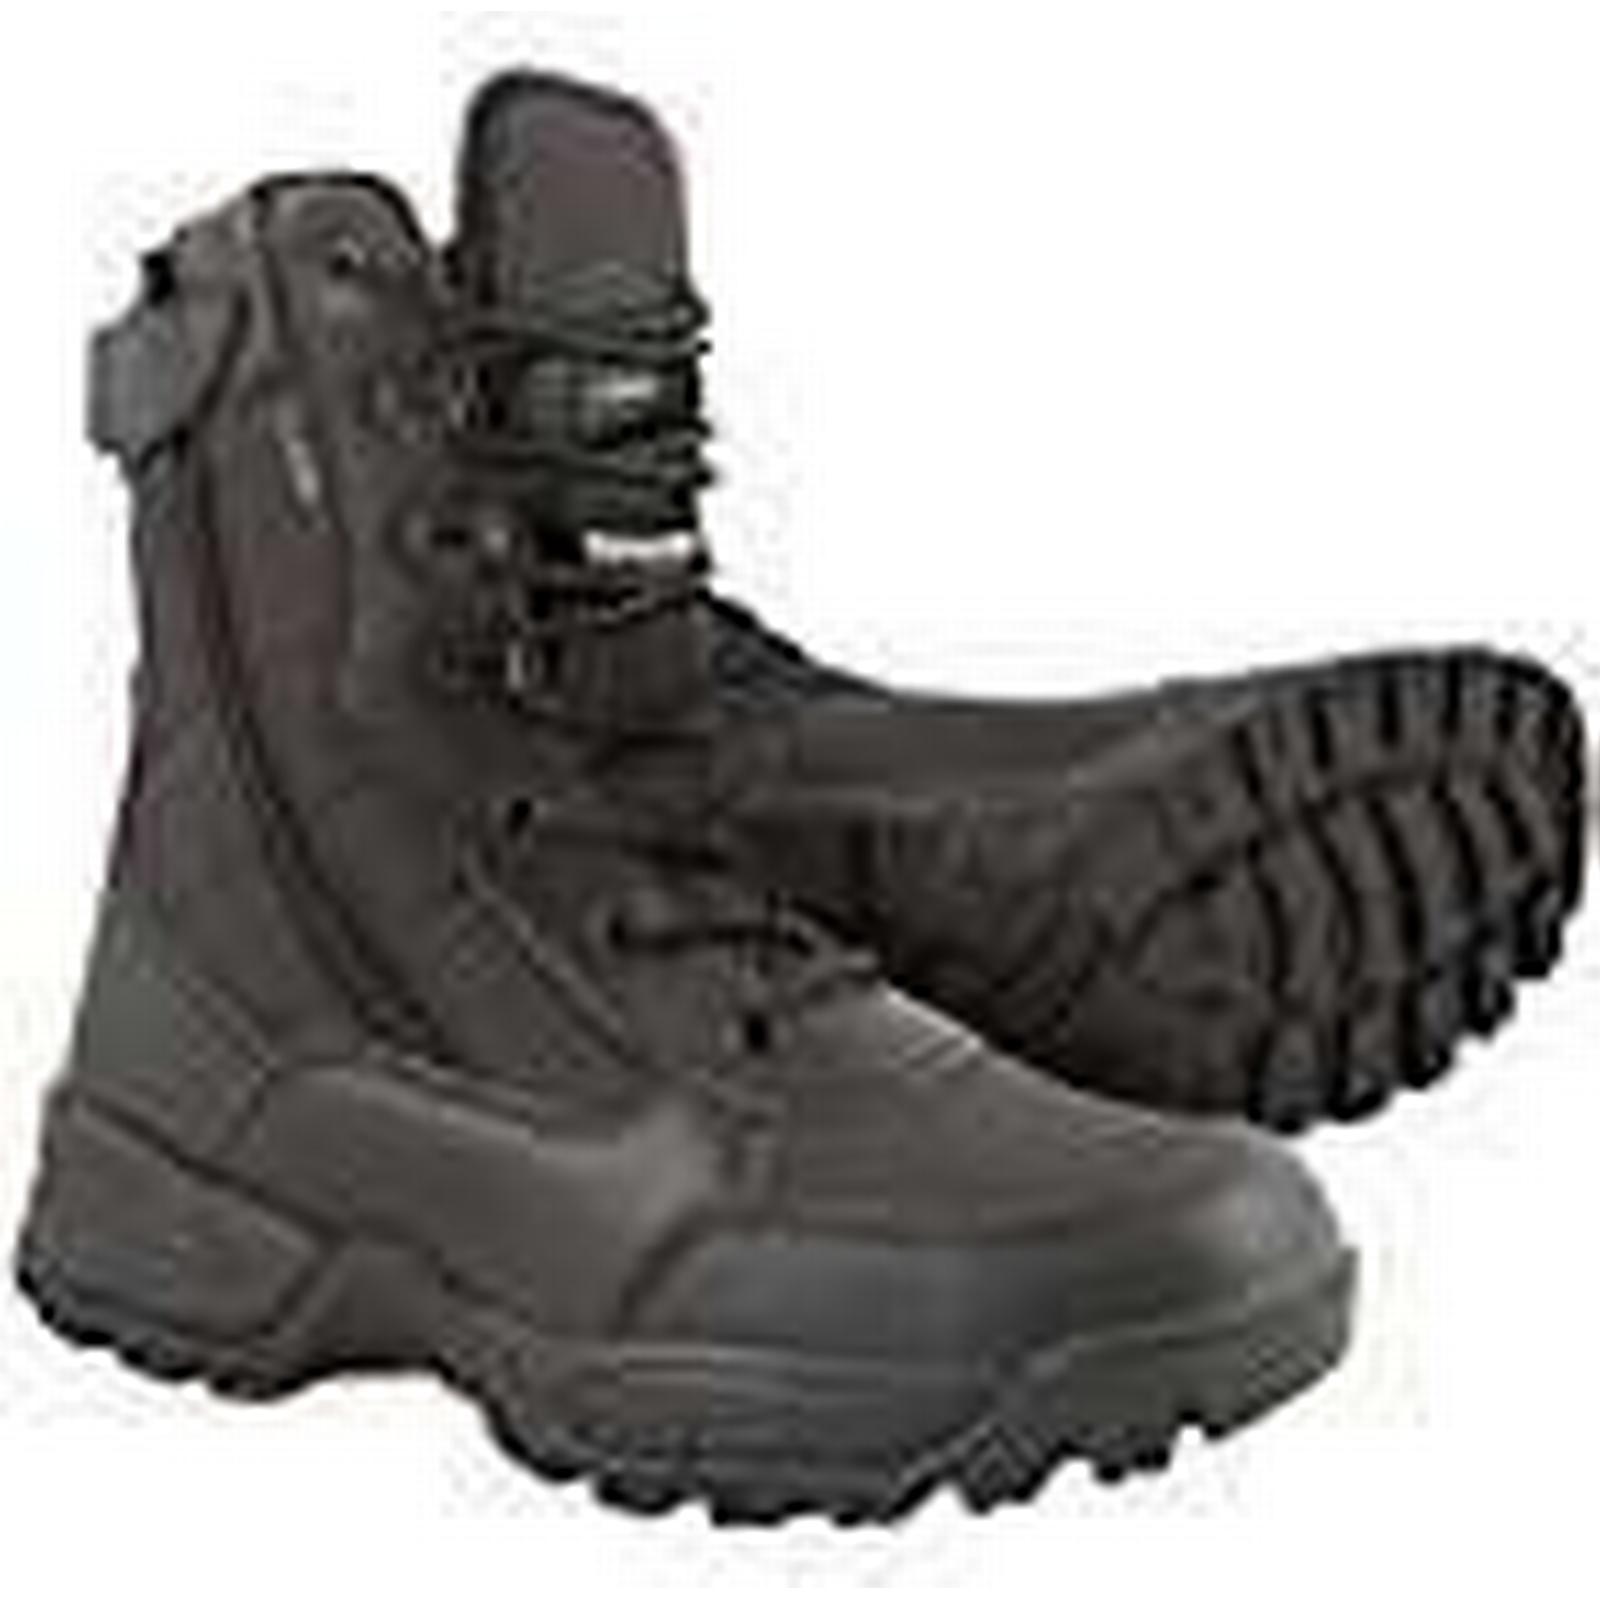 Kombat UK Men's Spec-Ops 10 Recon Boots-Black, Size 10, 10 Spec-Ops UK 52ee17